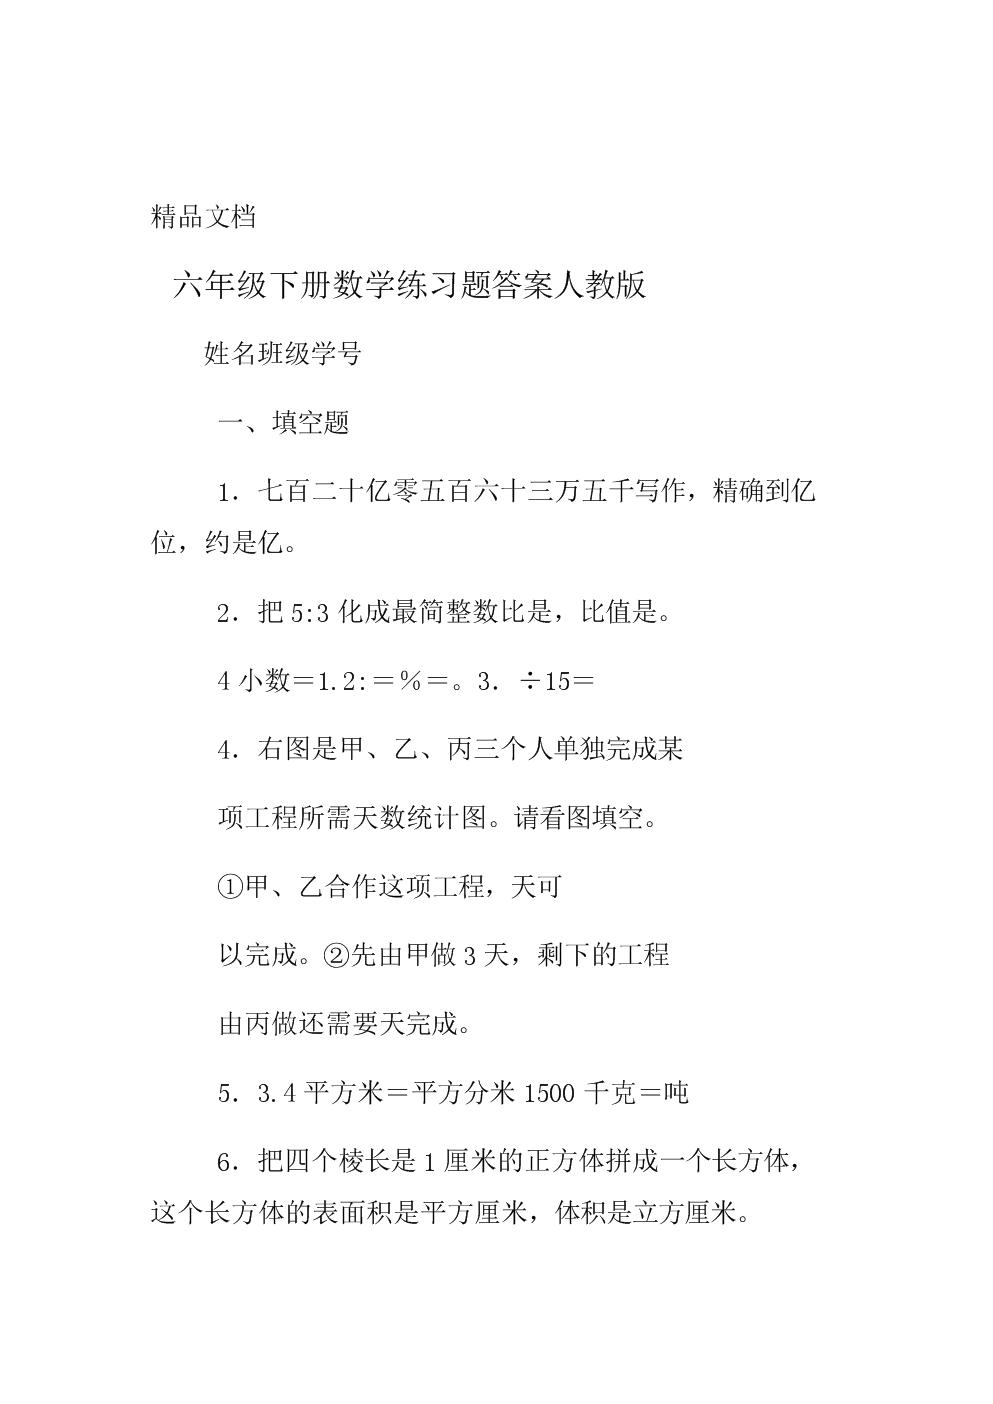 完整word版六年级下册数学练习题答案人教版.doc